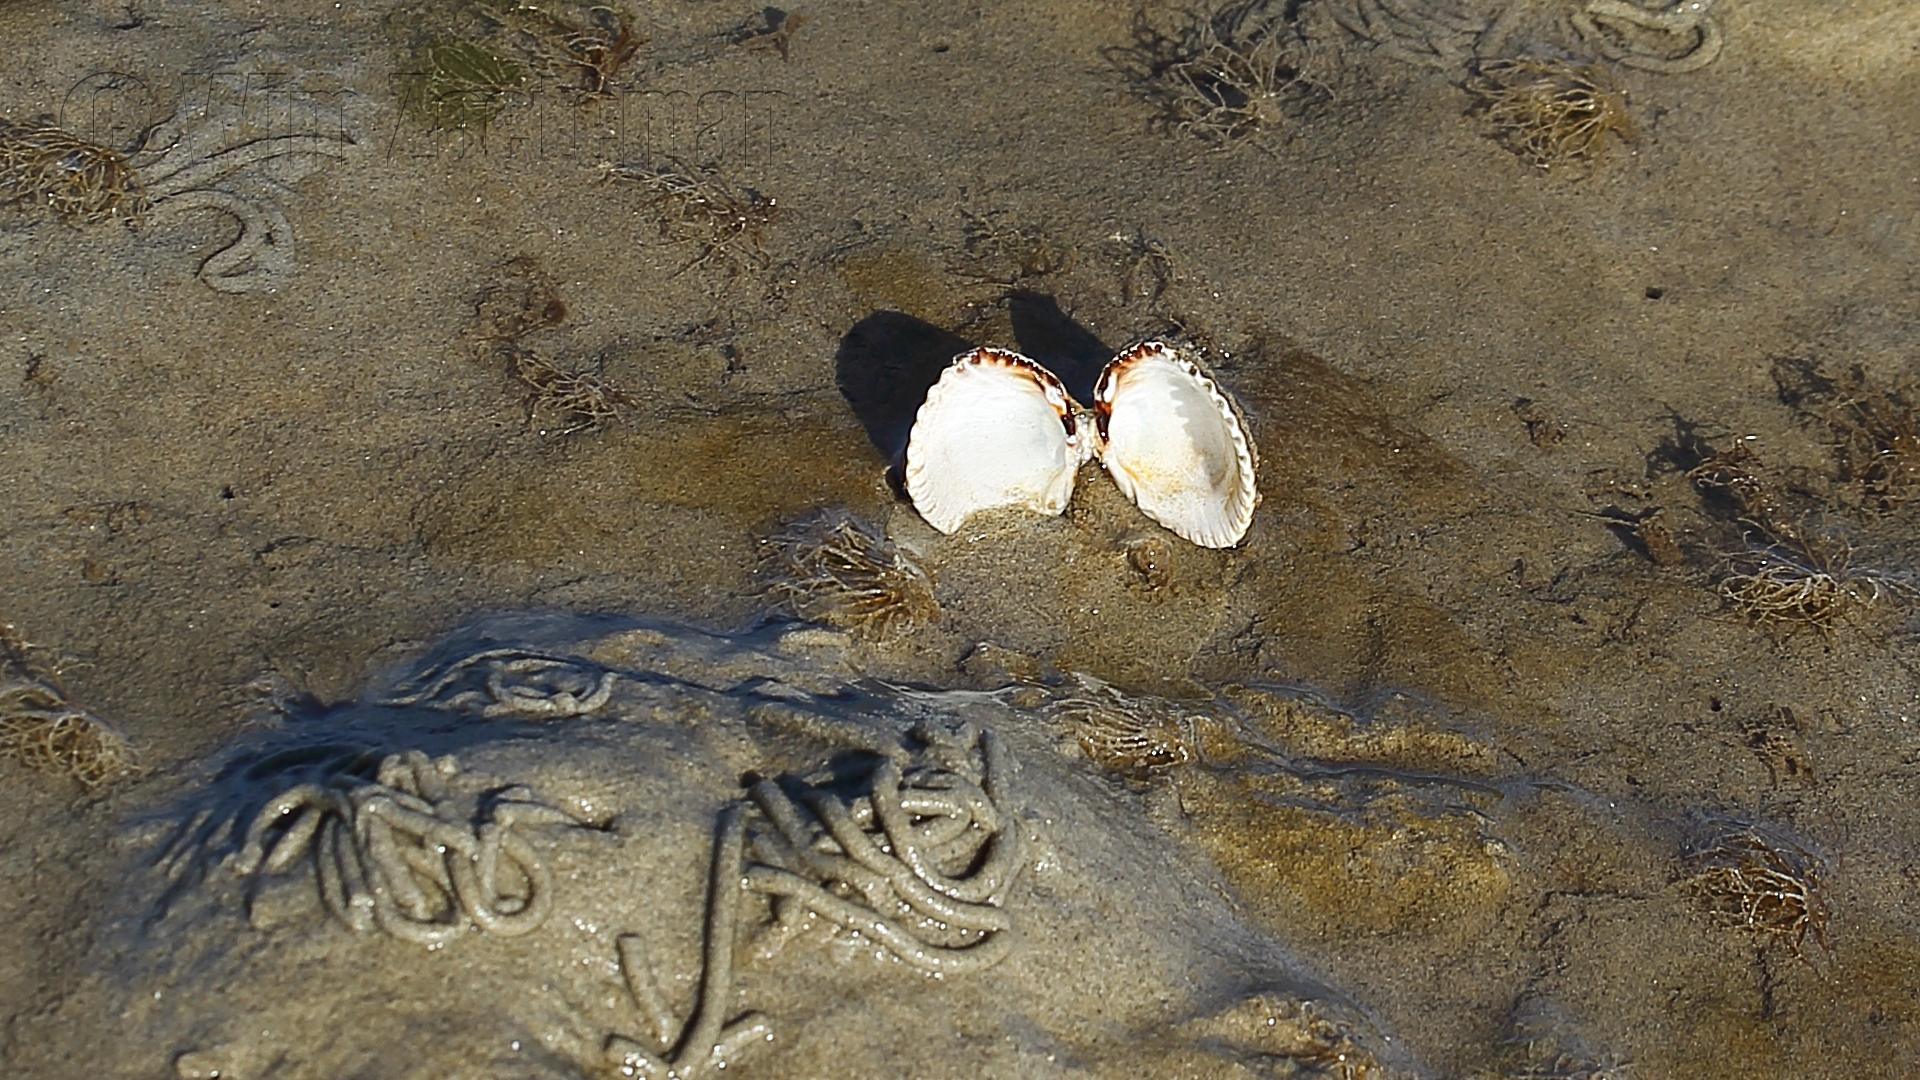 IMG_5548 Wad Rottumeroog - schelp